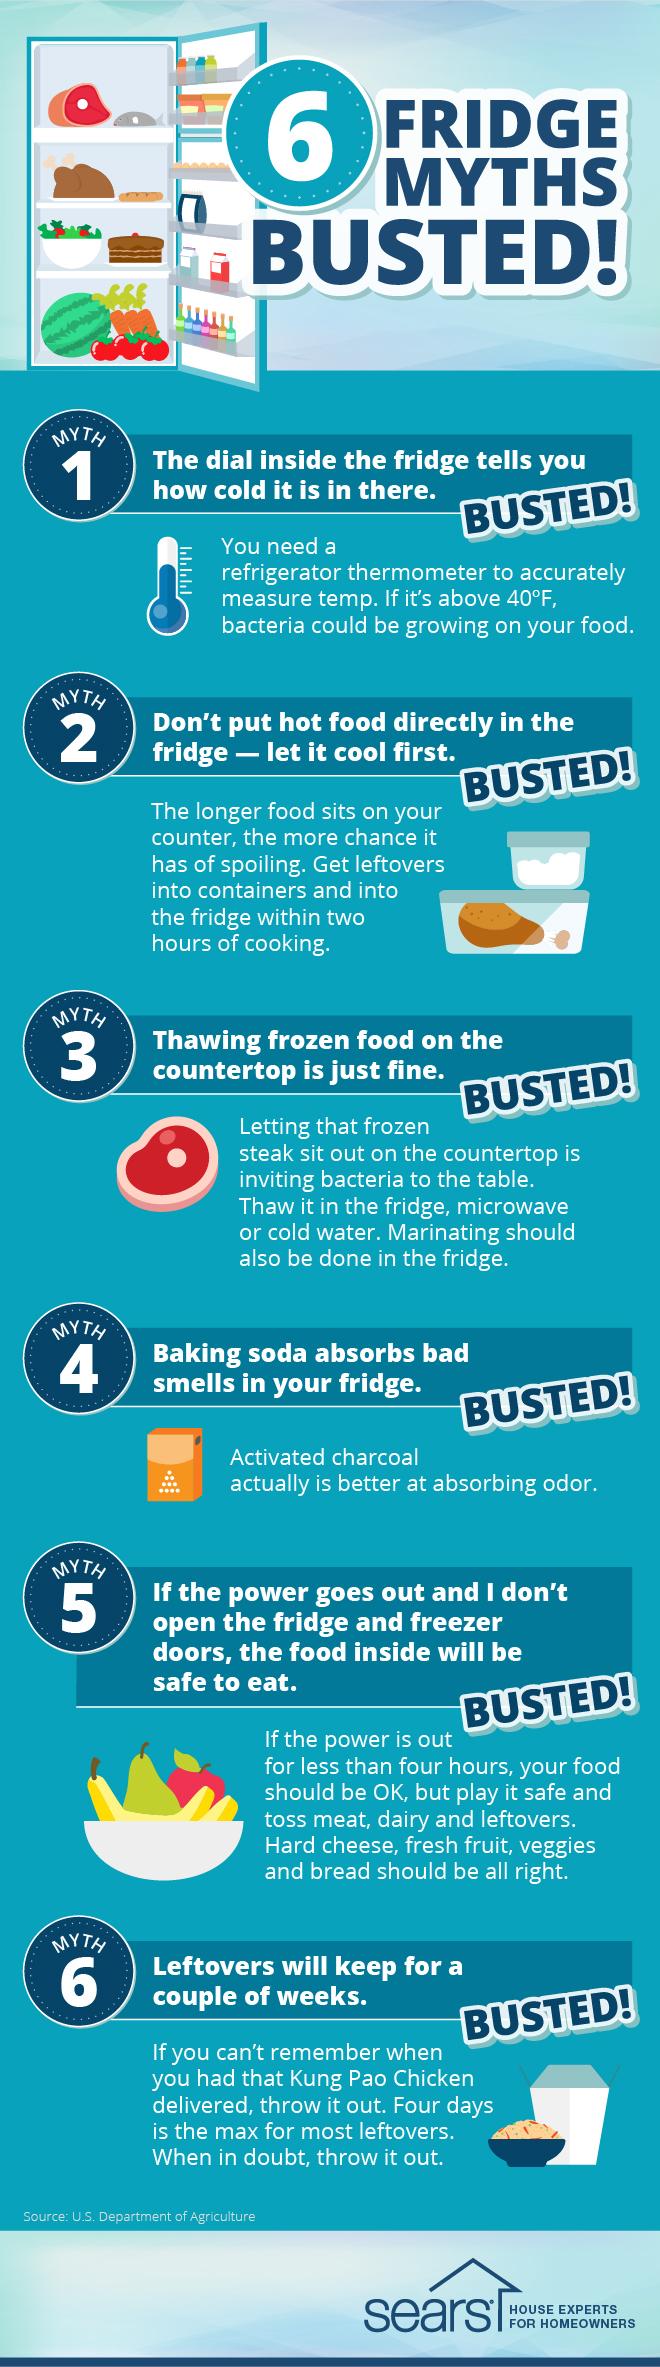 6 Refrigerator Myths Debunked